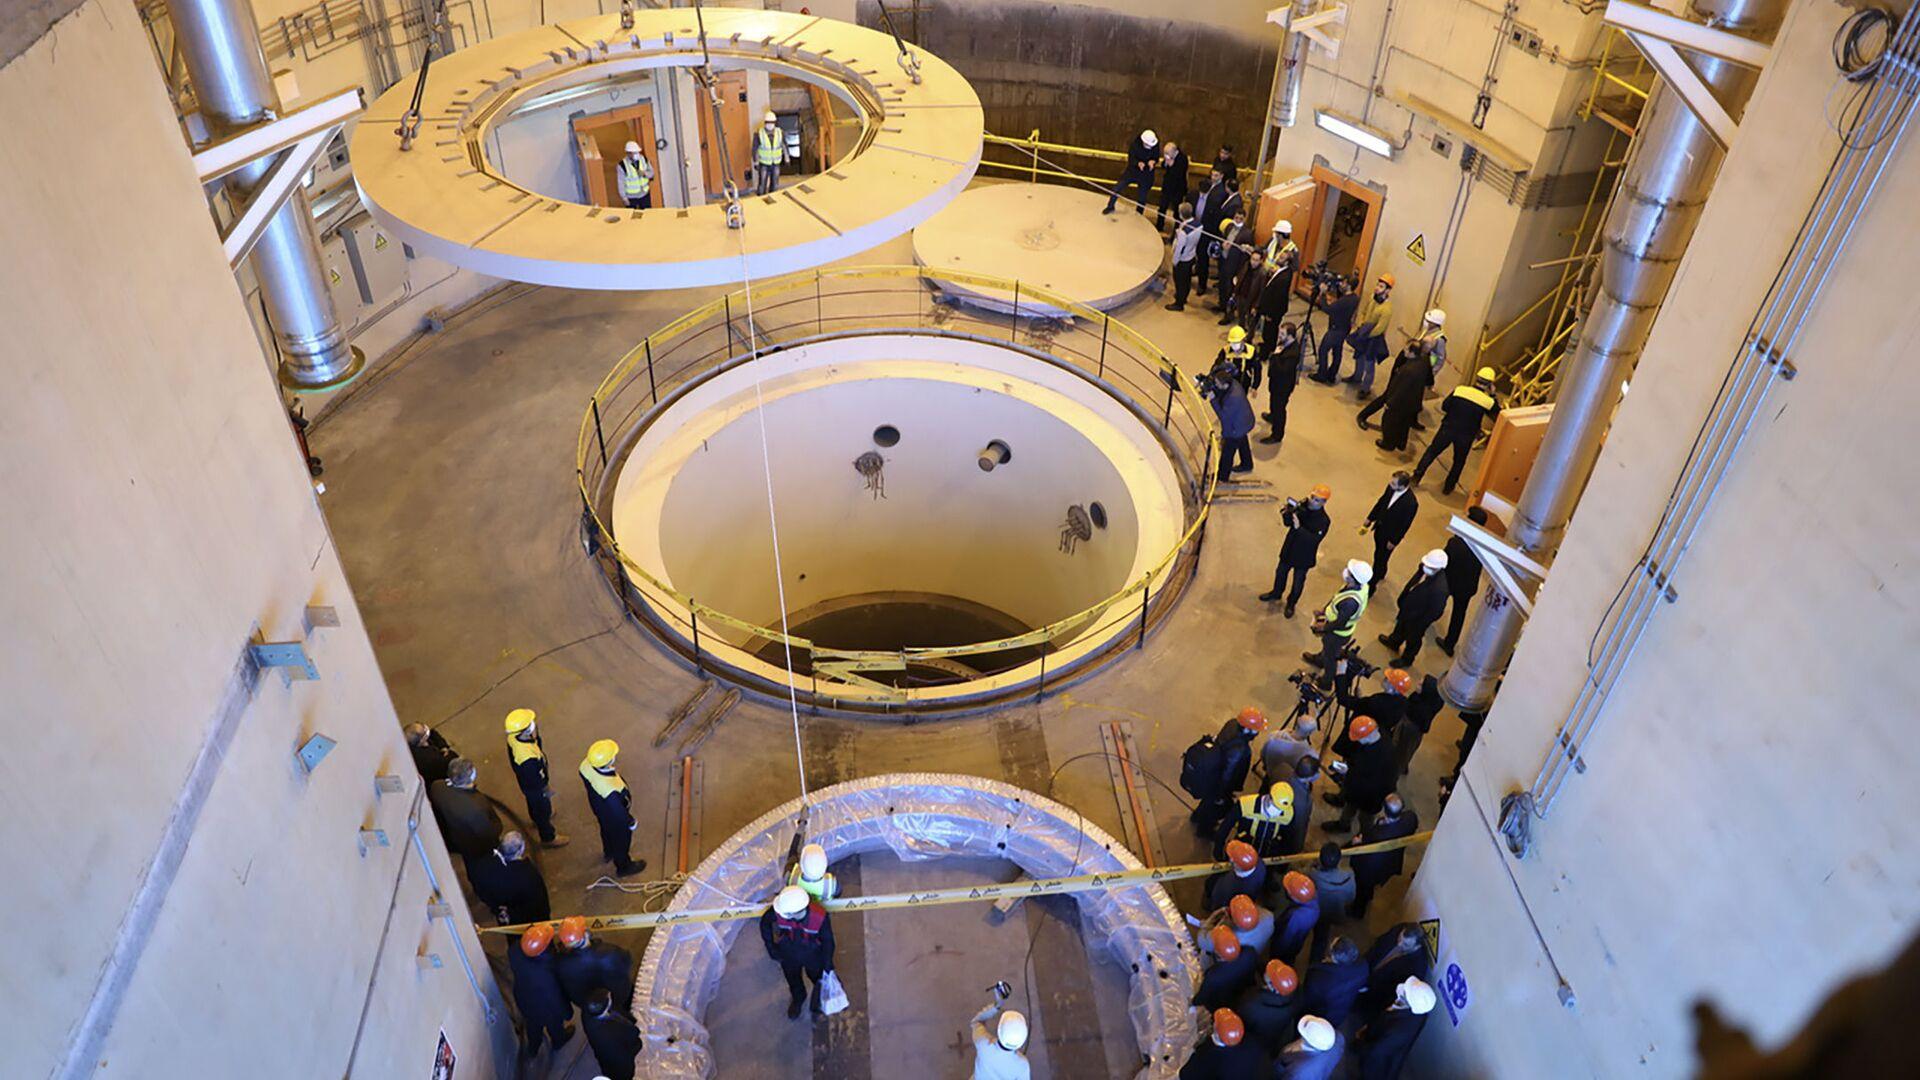 Réacteur nucléaire Iran - Sputnik France, 1920, 14.09.2021